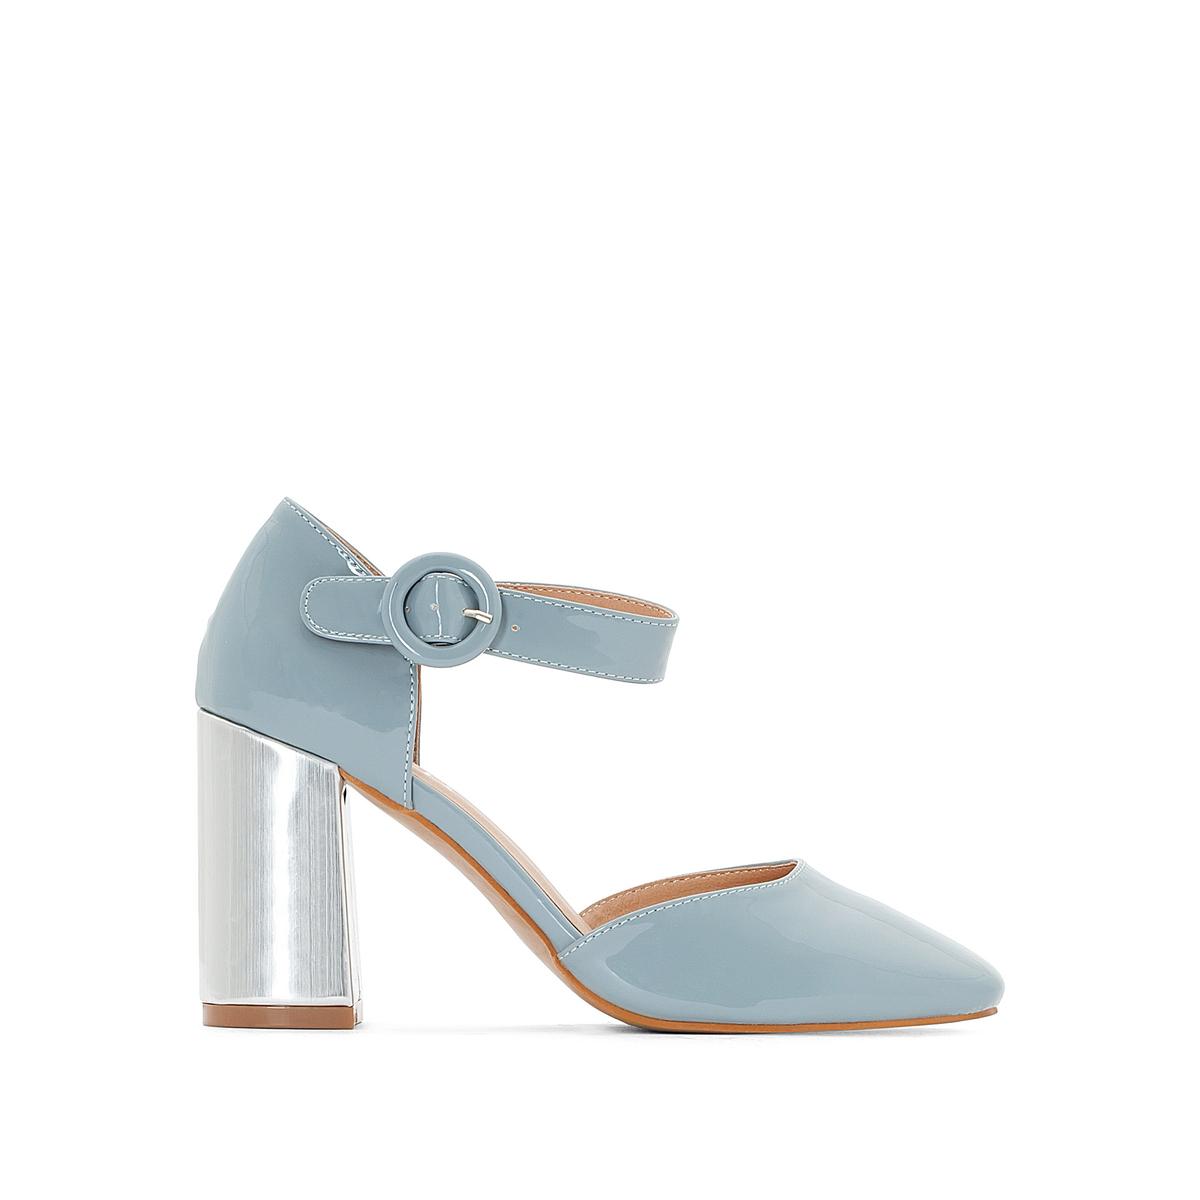 Sapatos com tacão metálico